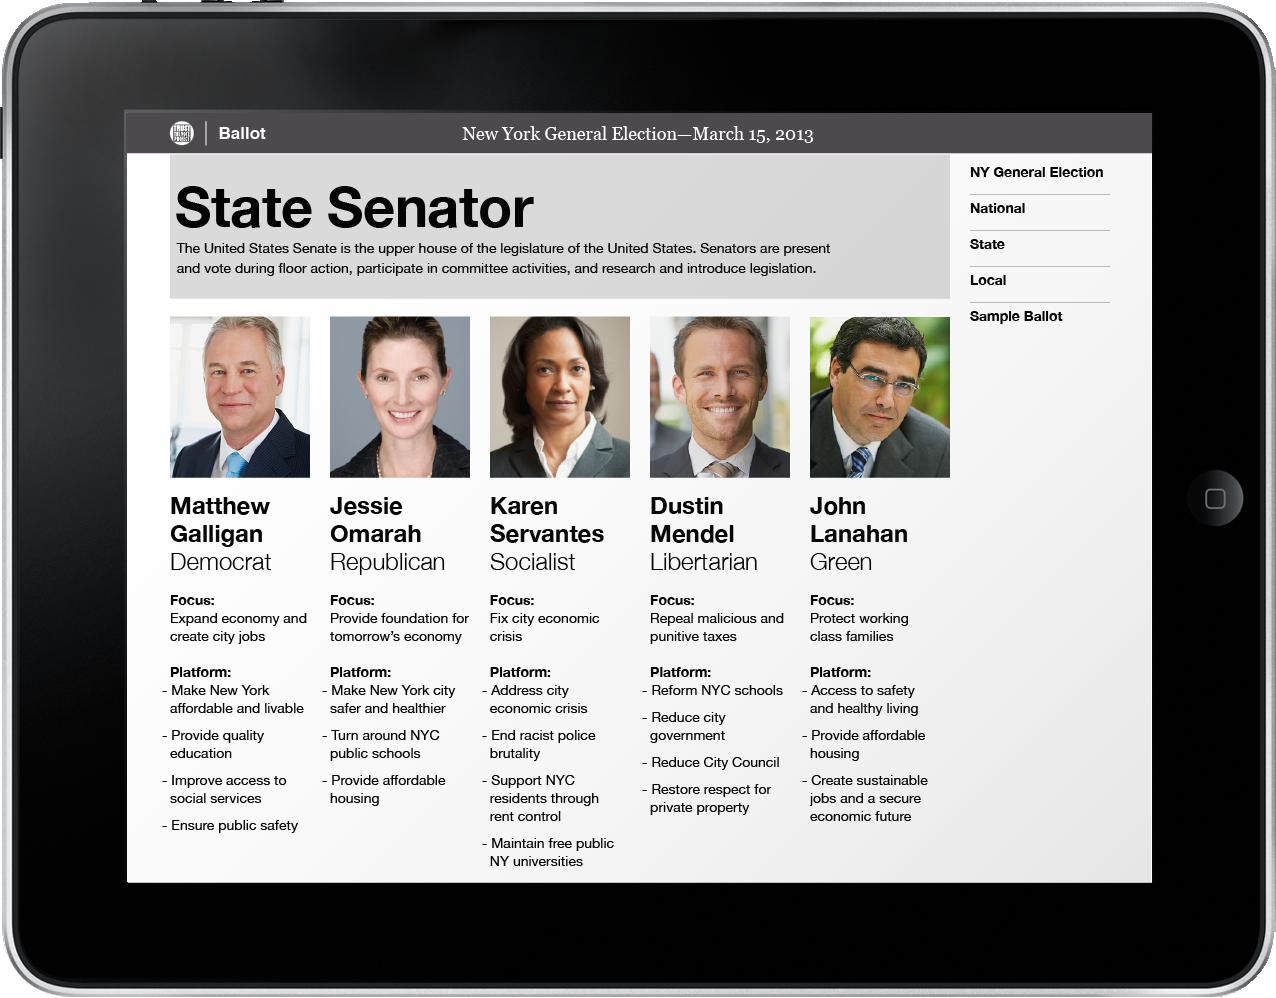 ballot_2_all_senators.png